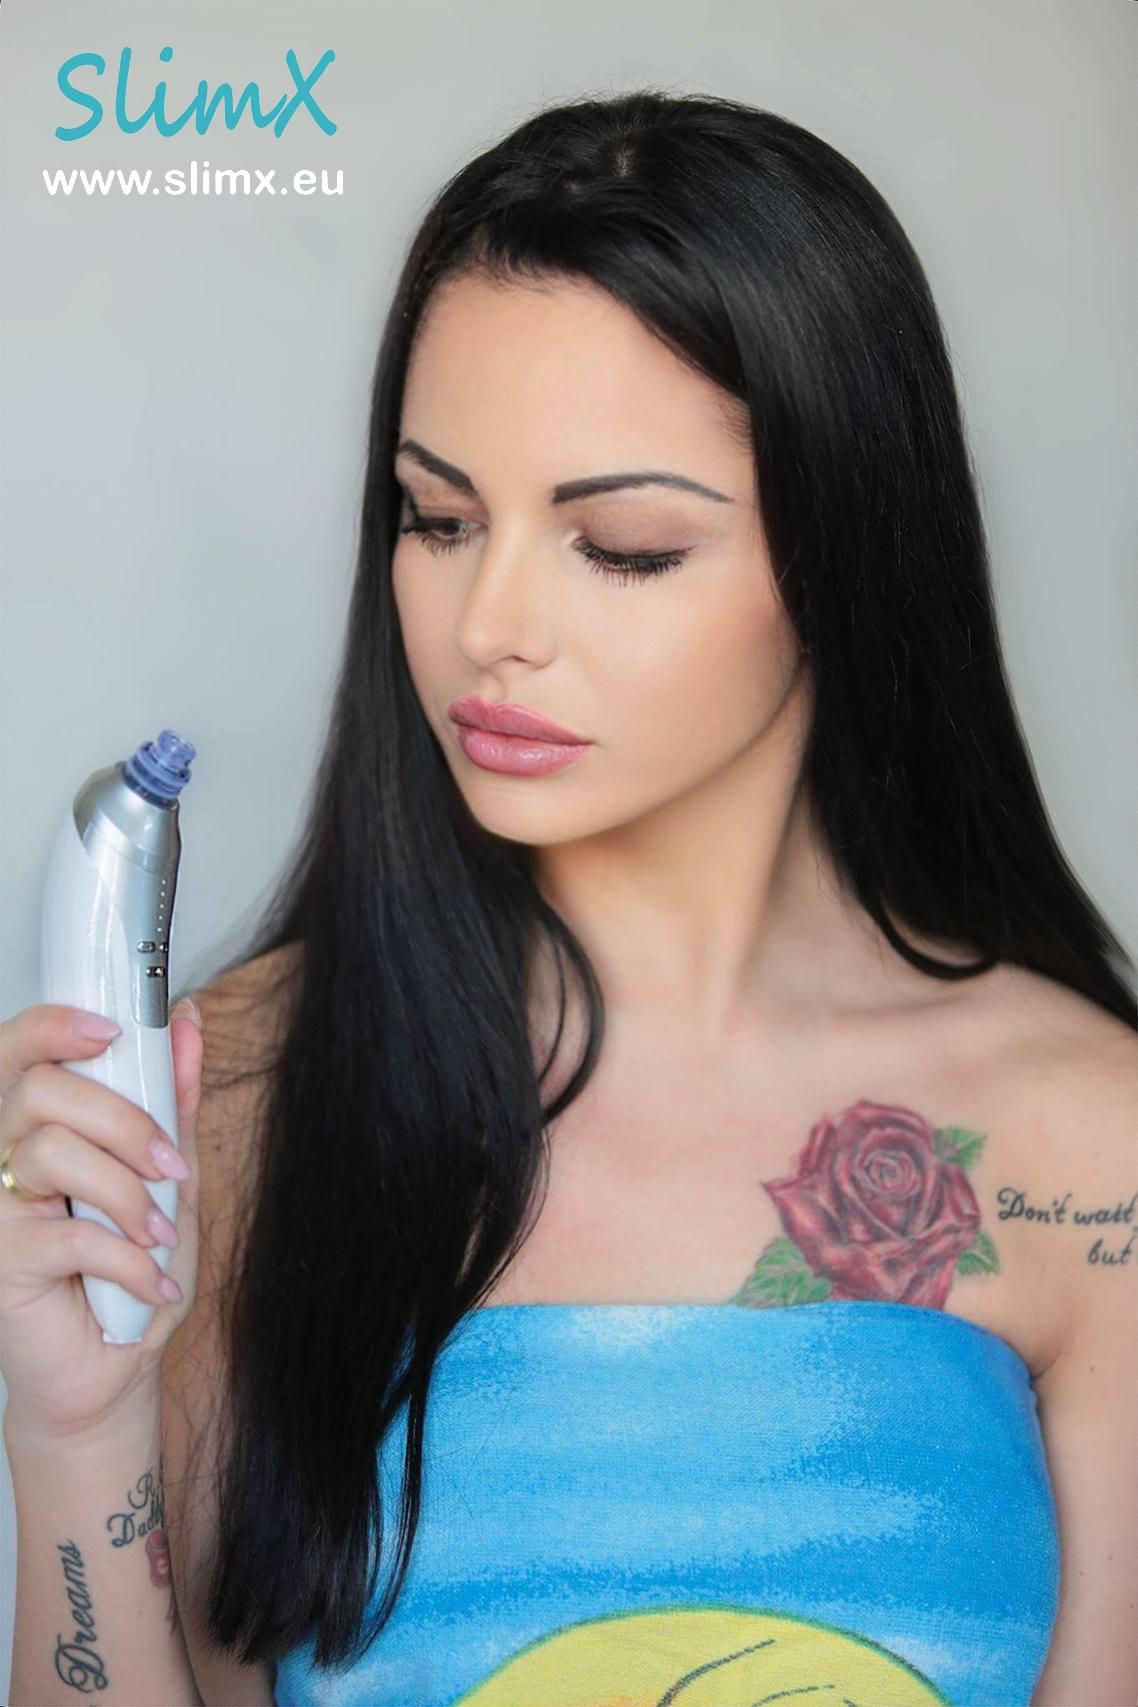 Oczyszczanie skóry twarzy m.in. z zaskórniaków